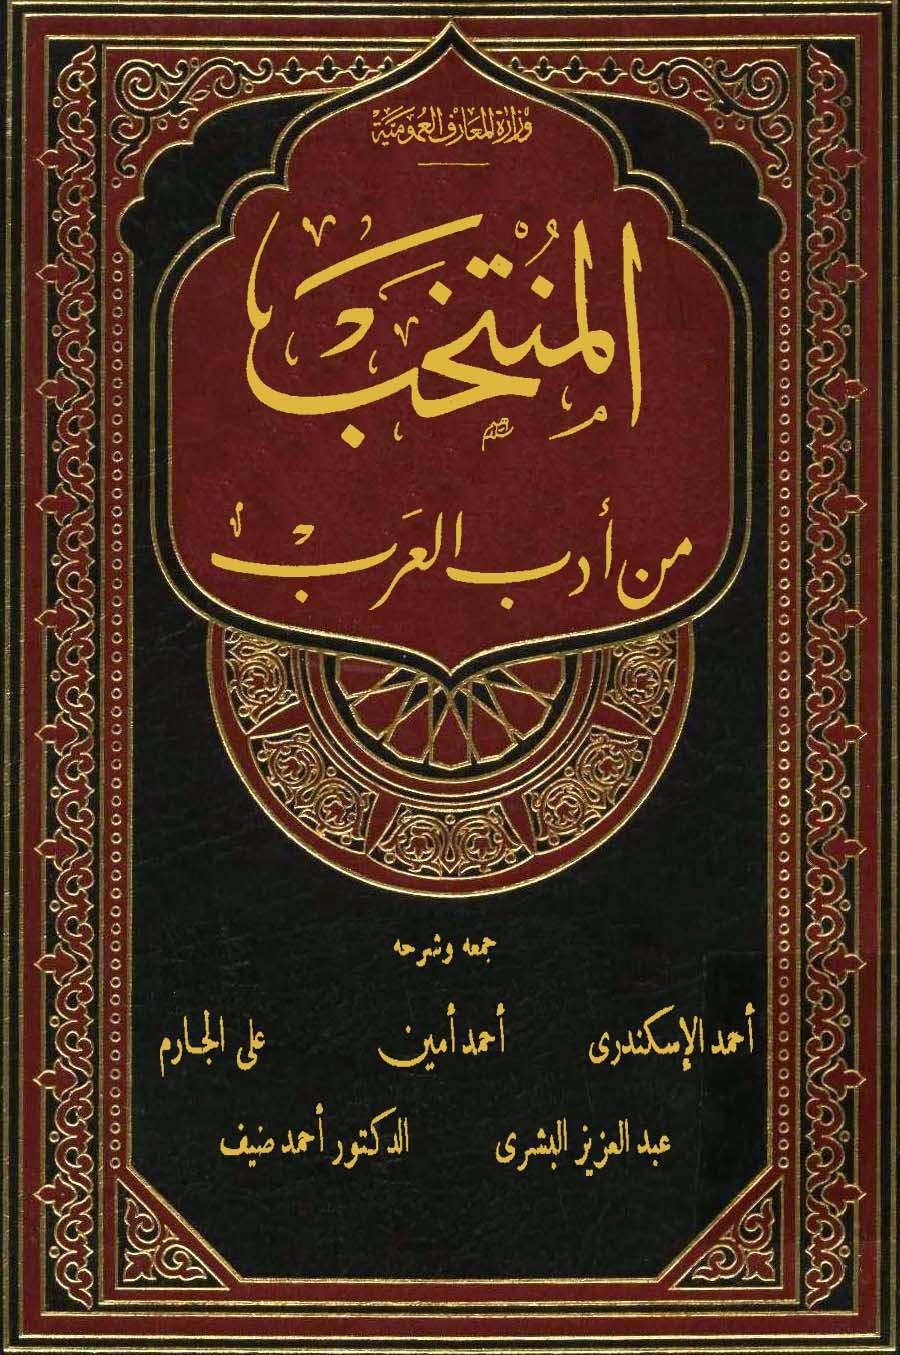 المنتخب من أدب العرب - مجموعة من المؤلفين pdf